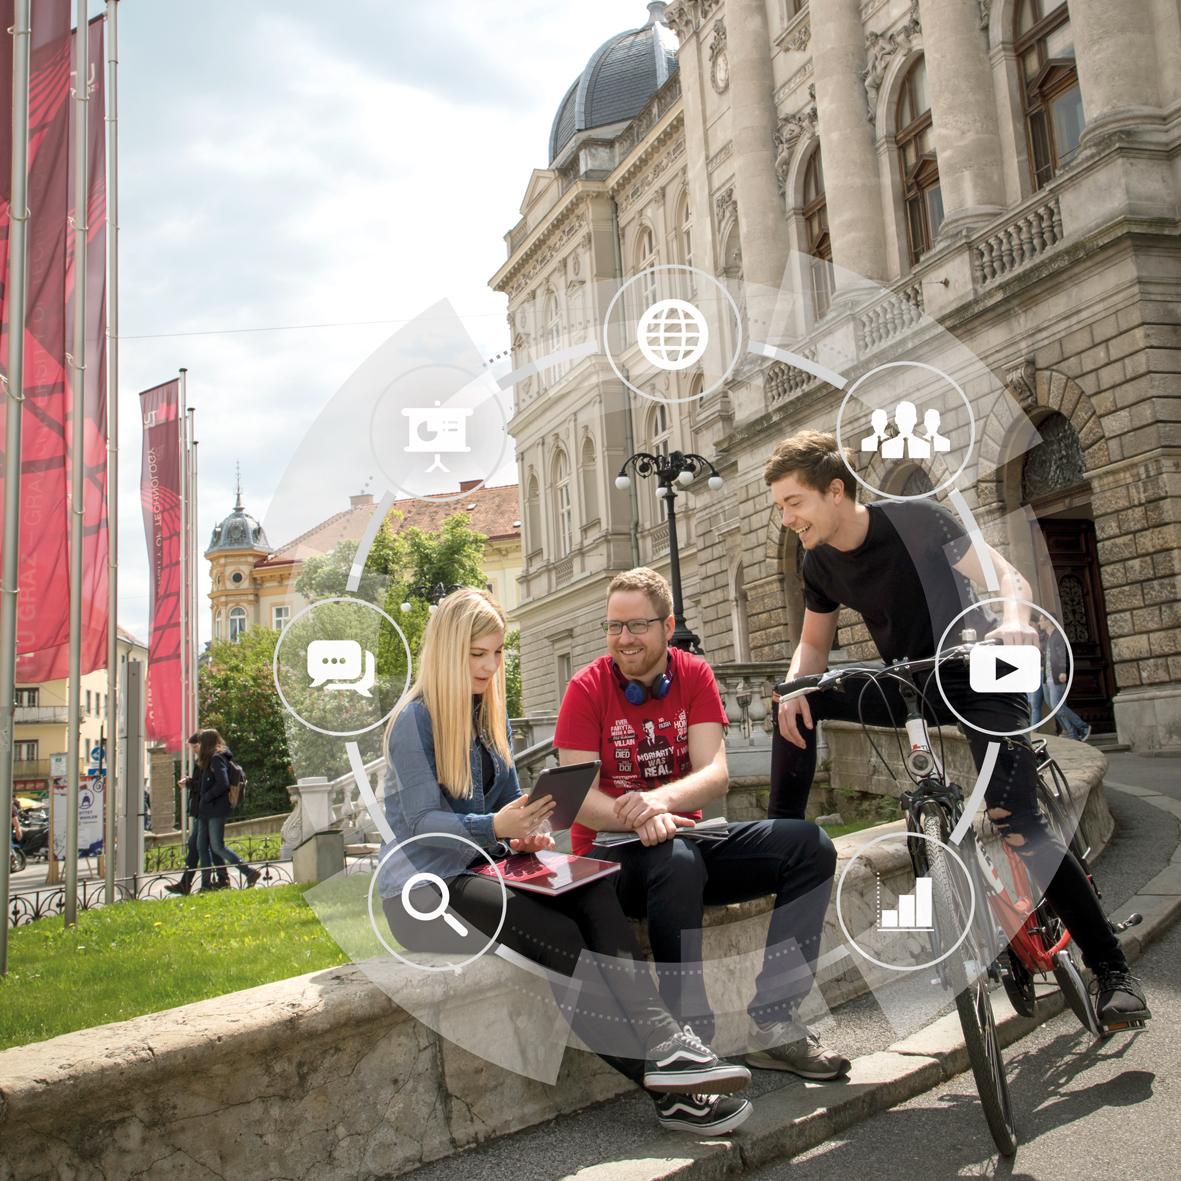 Eine junge Frau und ein junger Mann sitzen auf einer kleinen Mauer vor einem großen Universitätsgebäude. Ein junger Mann auf einem Fahrrad beugt sich zu ihnen. Die Frau hält ein Tablet in der Hand. Rund um die drei Personen sind in einem Kreis verschiedene Symbole angeordnet, darunter z. B. ein Play-Button, eine Lupe und Sprechblasen.